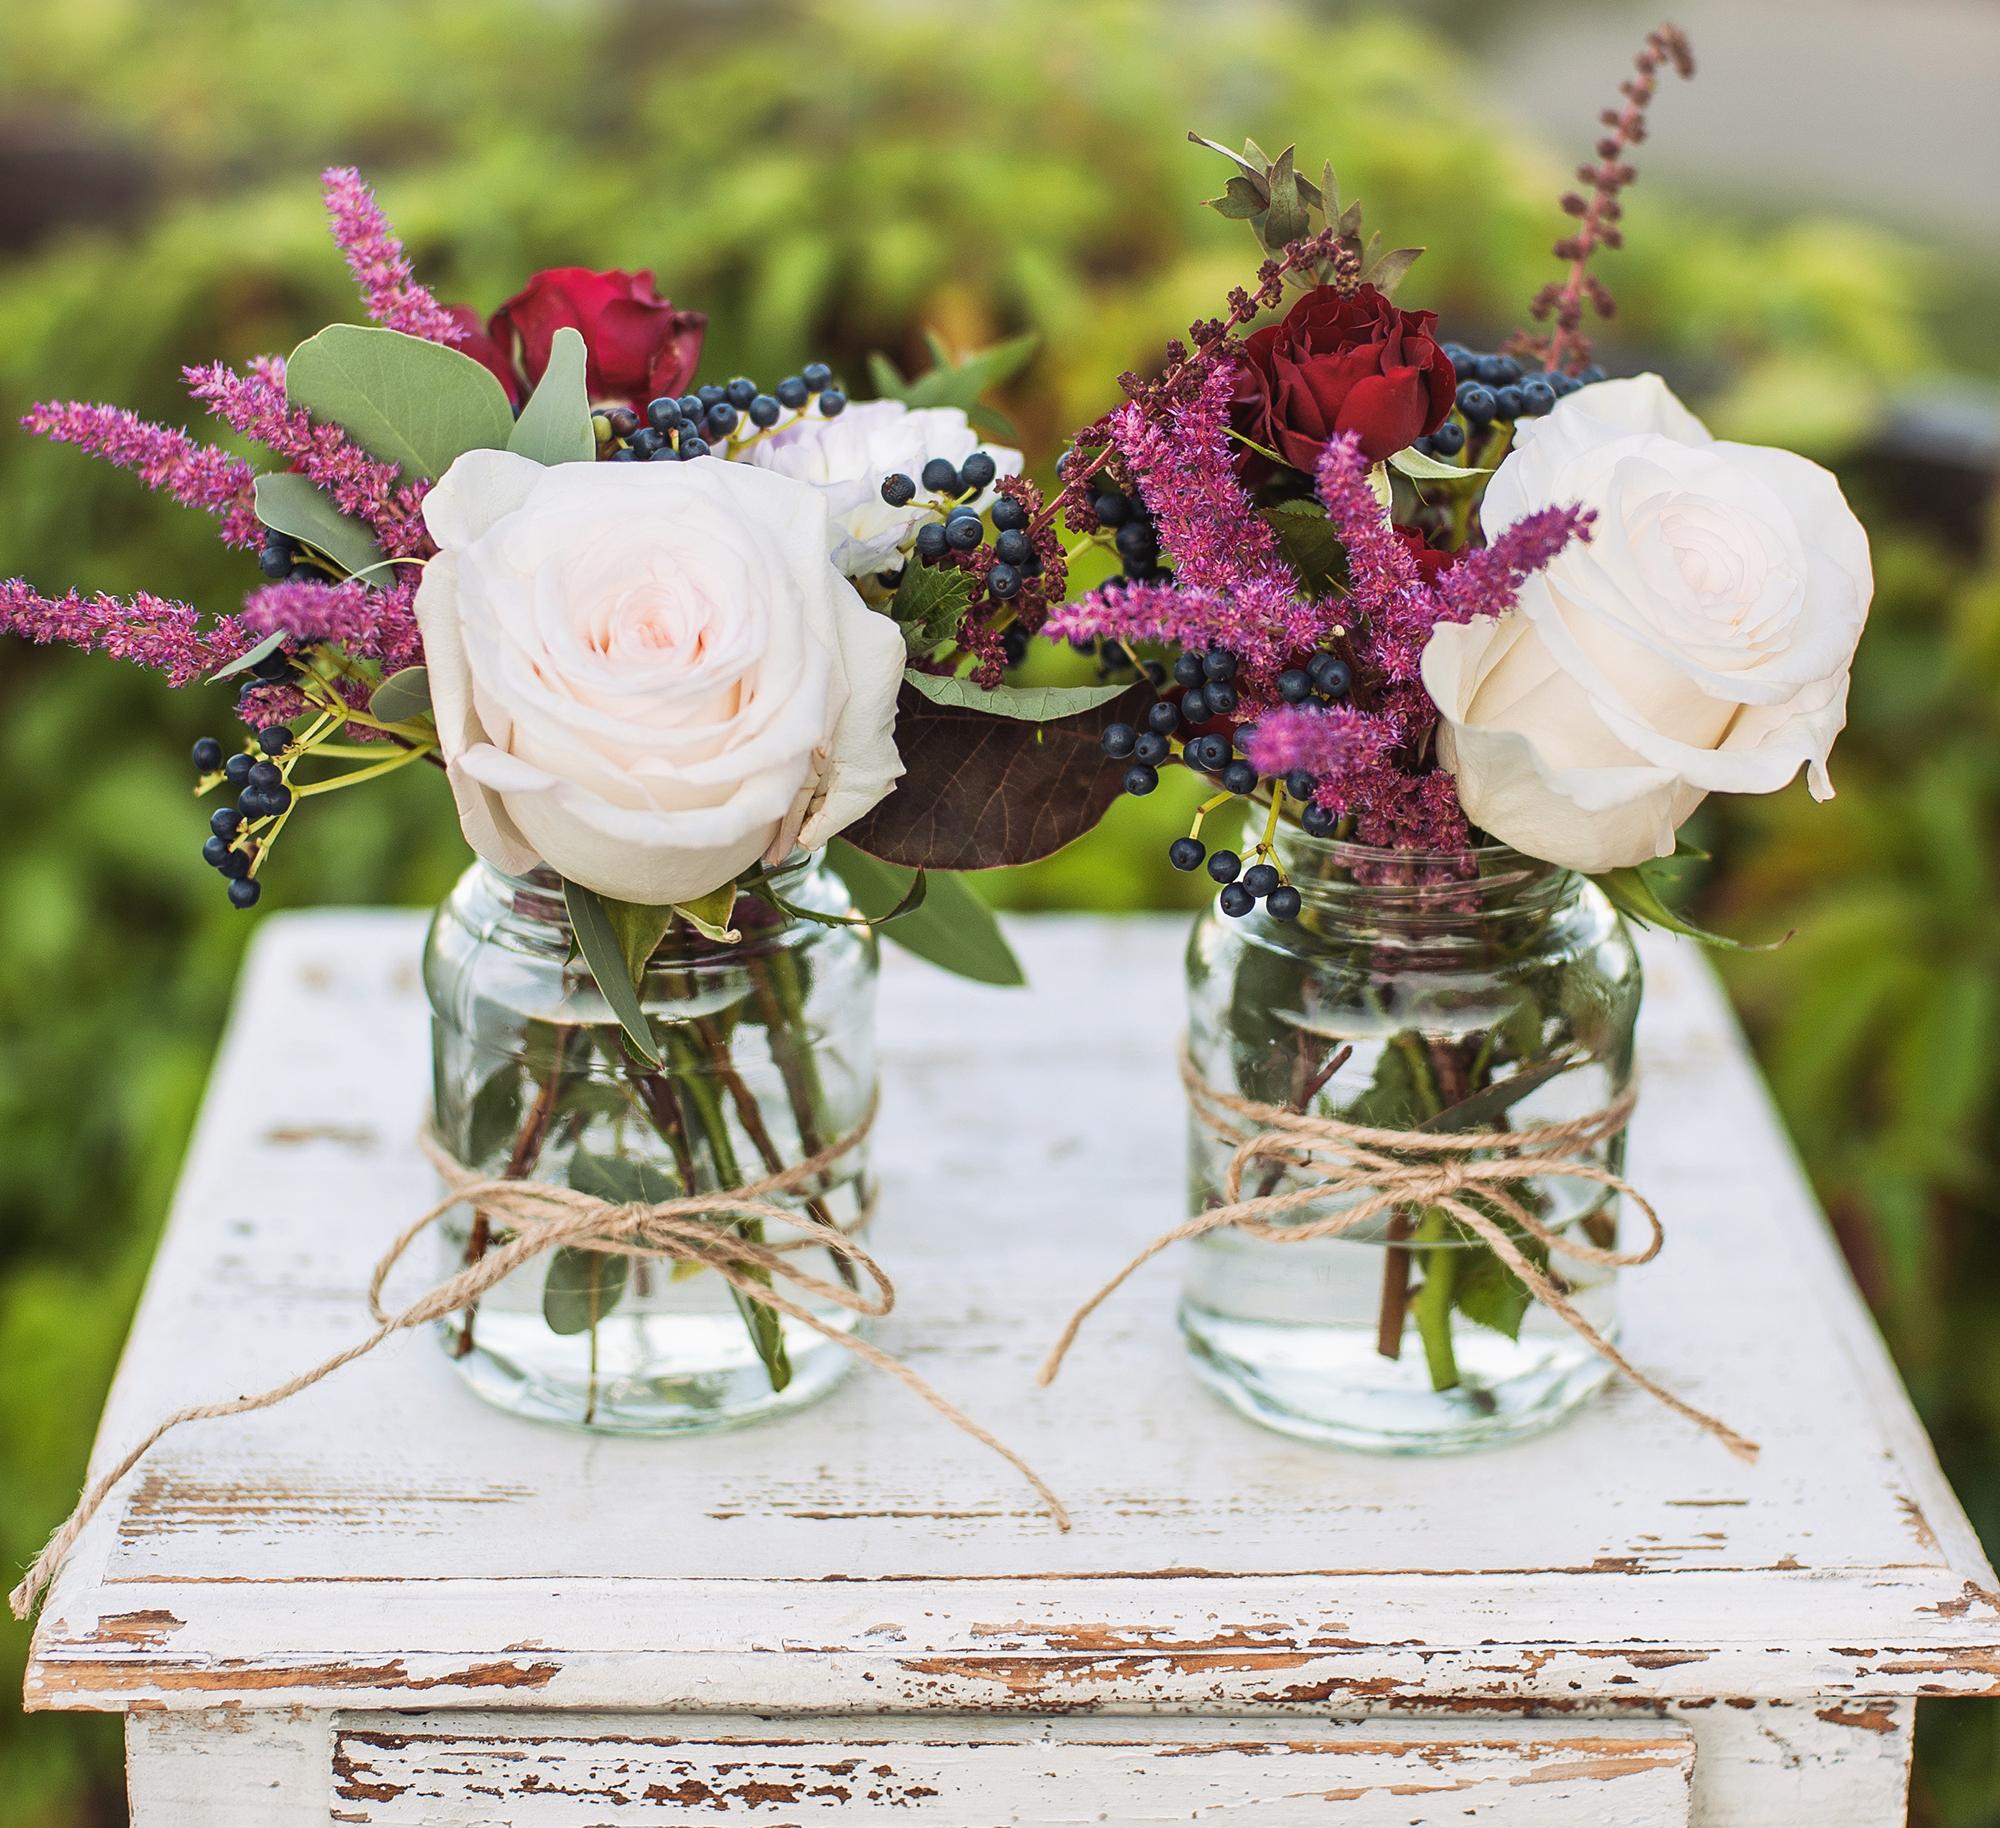 Blumen Tischdeko Selbst Gemacht Die Schonsten Diy Anleitungen